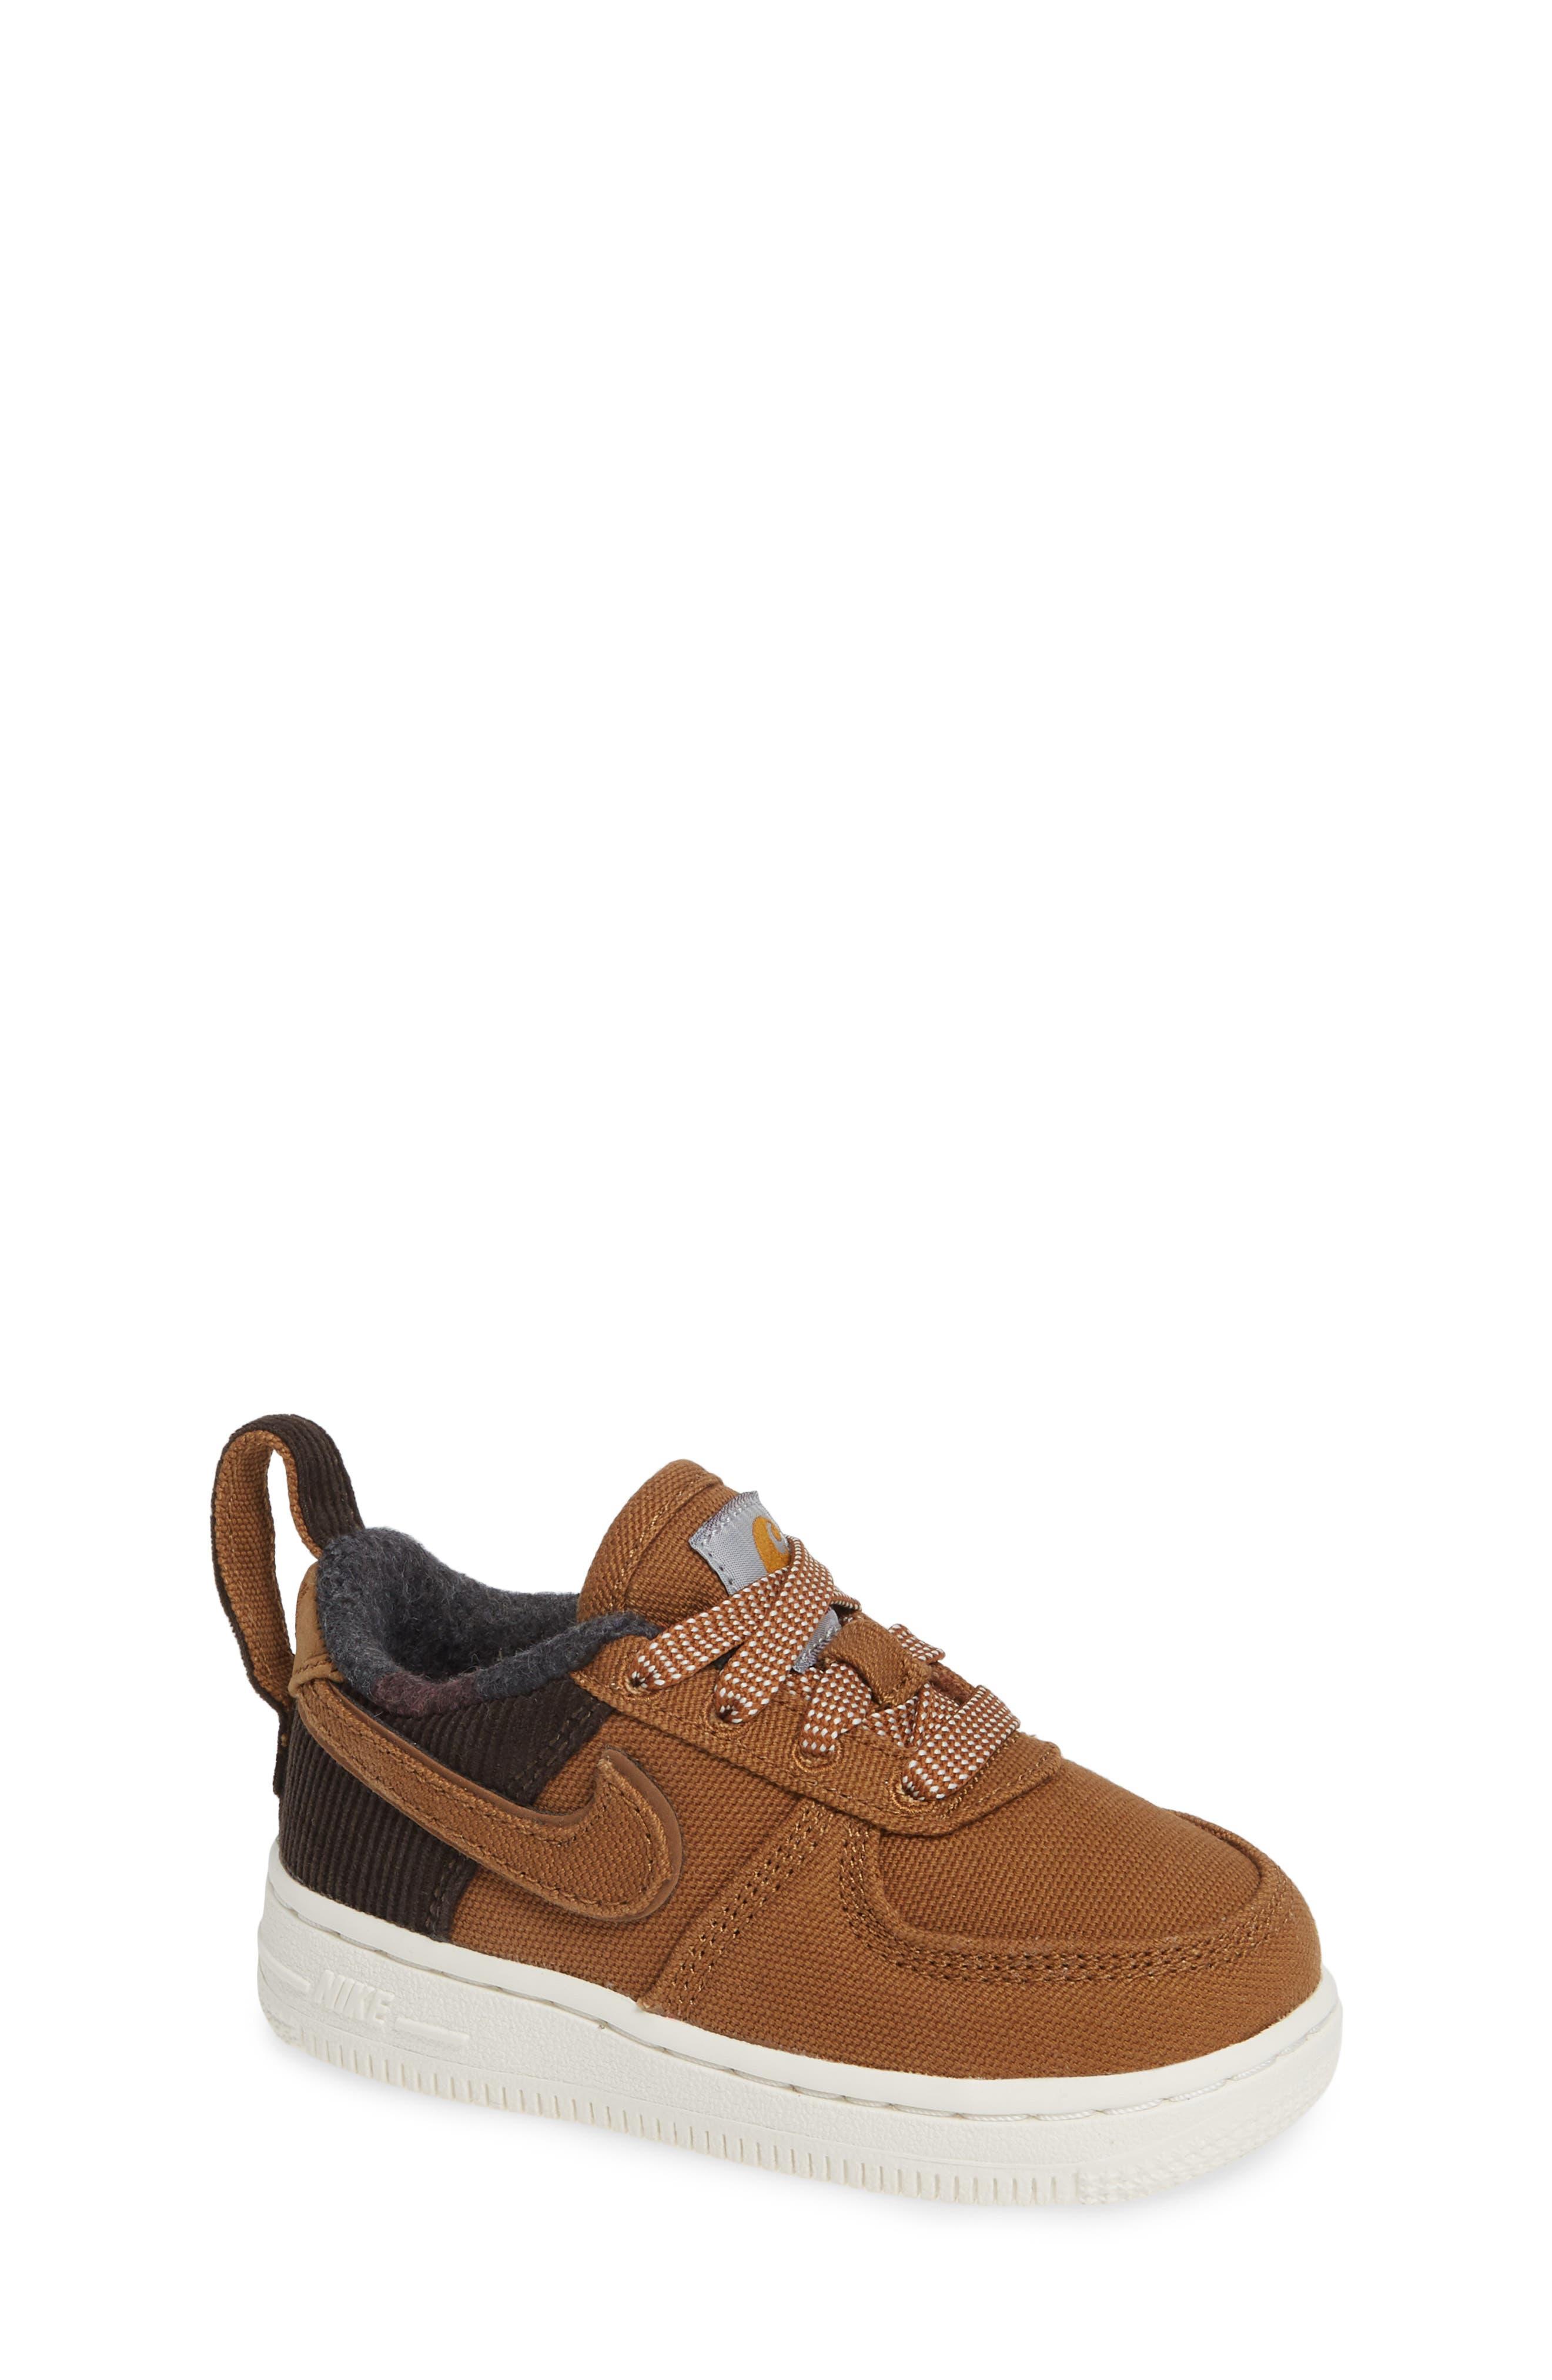 x Carhartt Air Force 1 Premium Sneaker,                             Main thumbnail 1, color,                             ALE BROWN/ ALE BROWN-SAIL